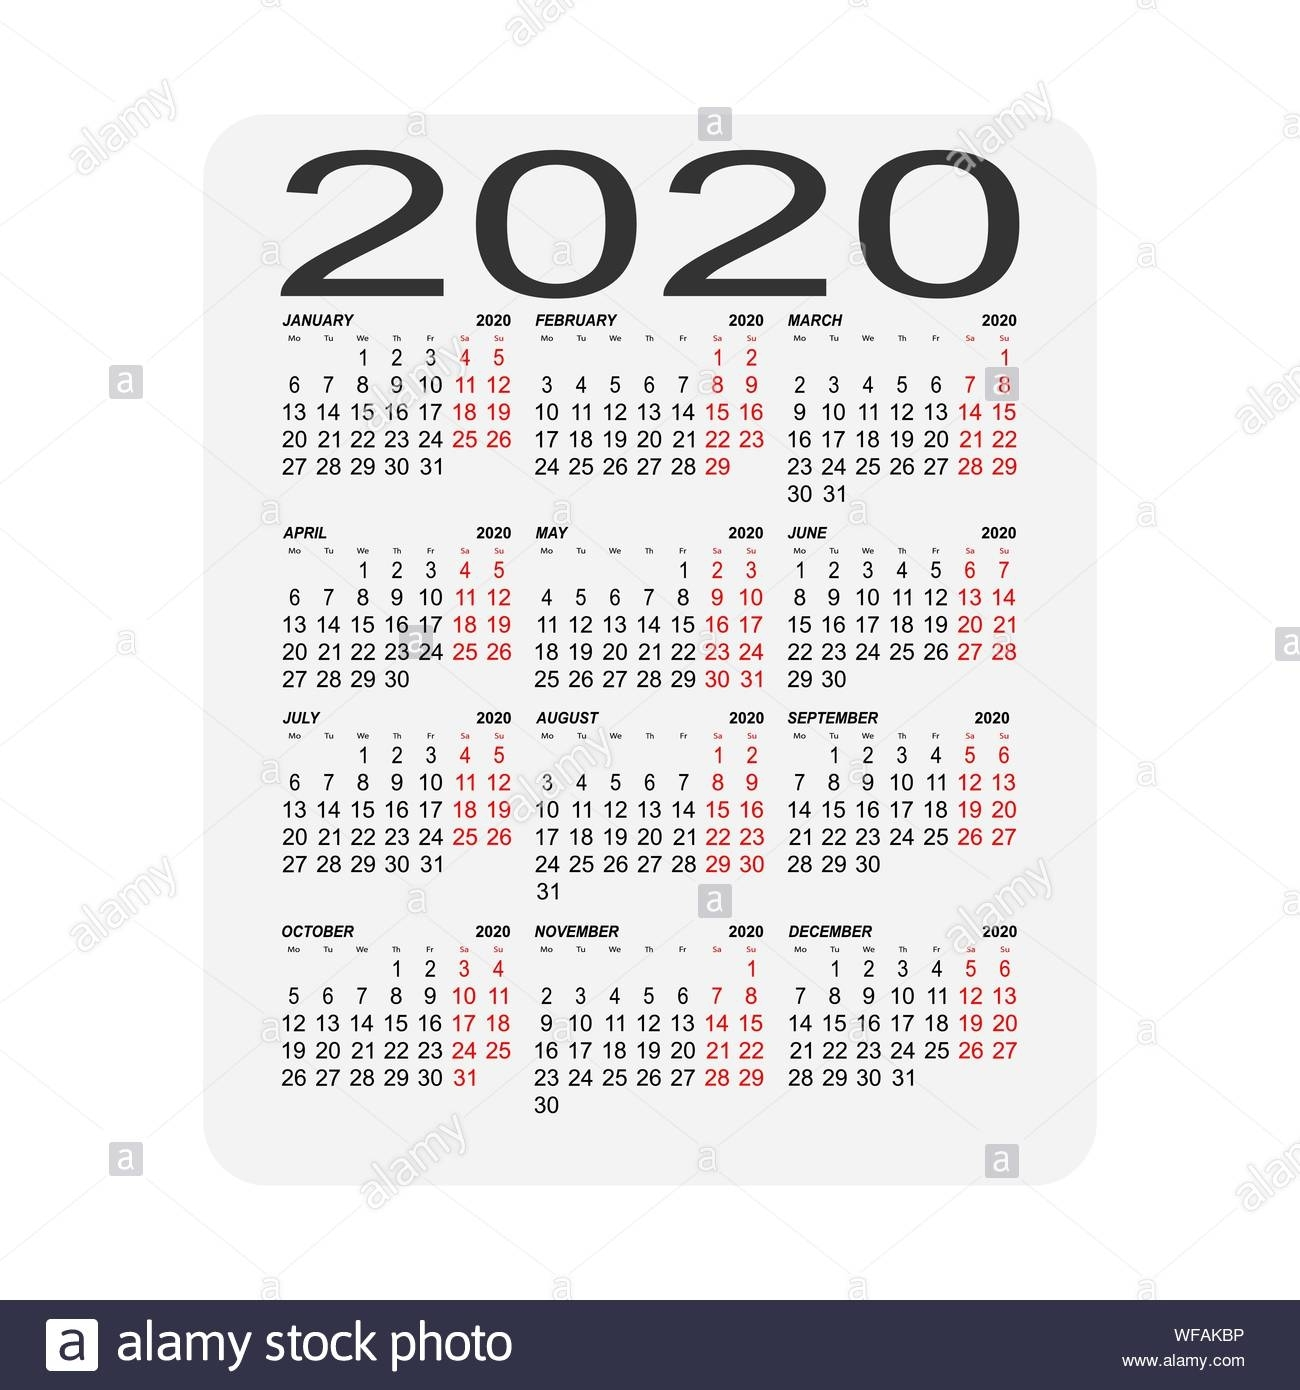 Calendar 2020. Calendar Sheet. Two Days Off A Week Stock regarding Special Days For 2020 Calender